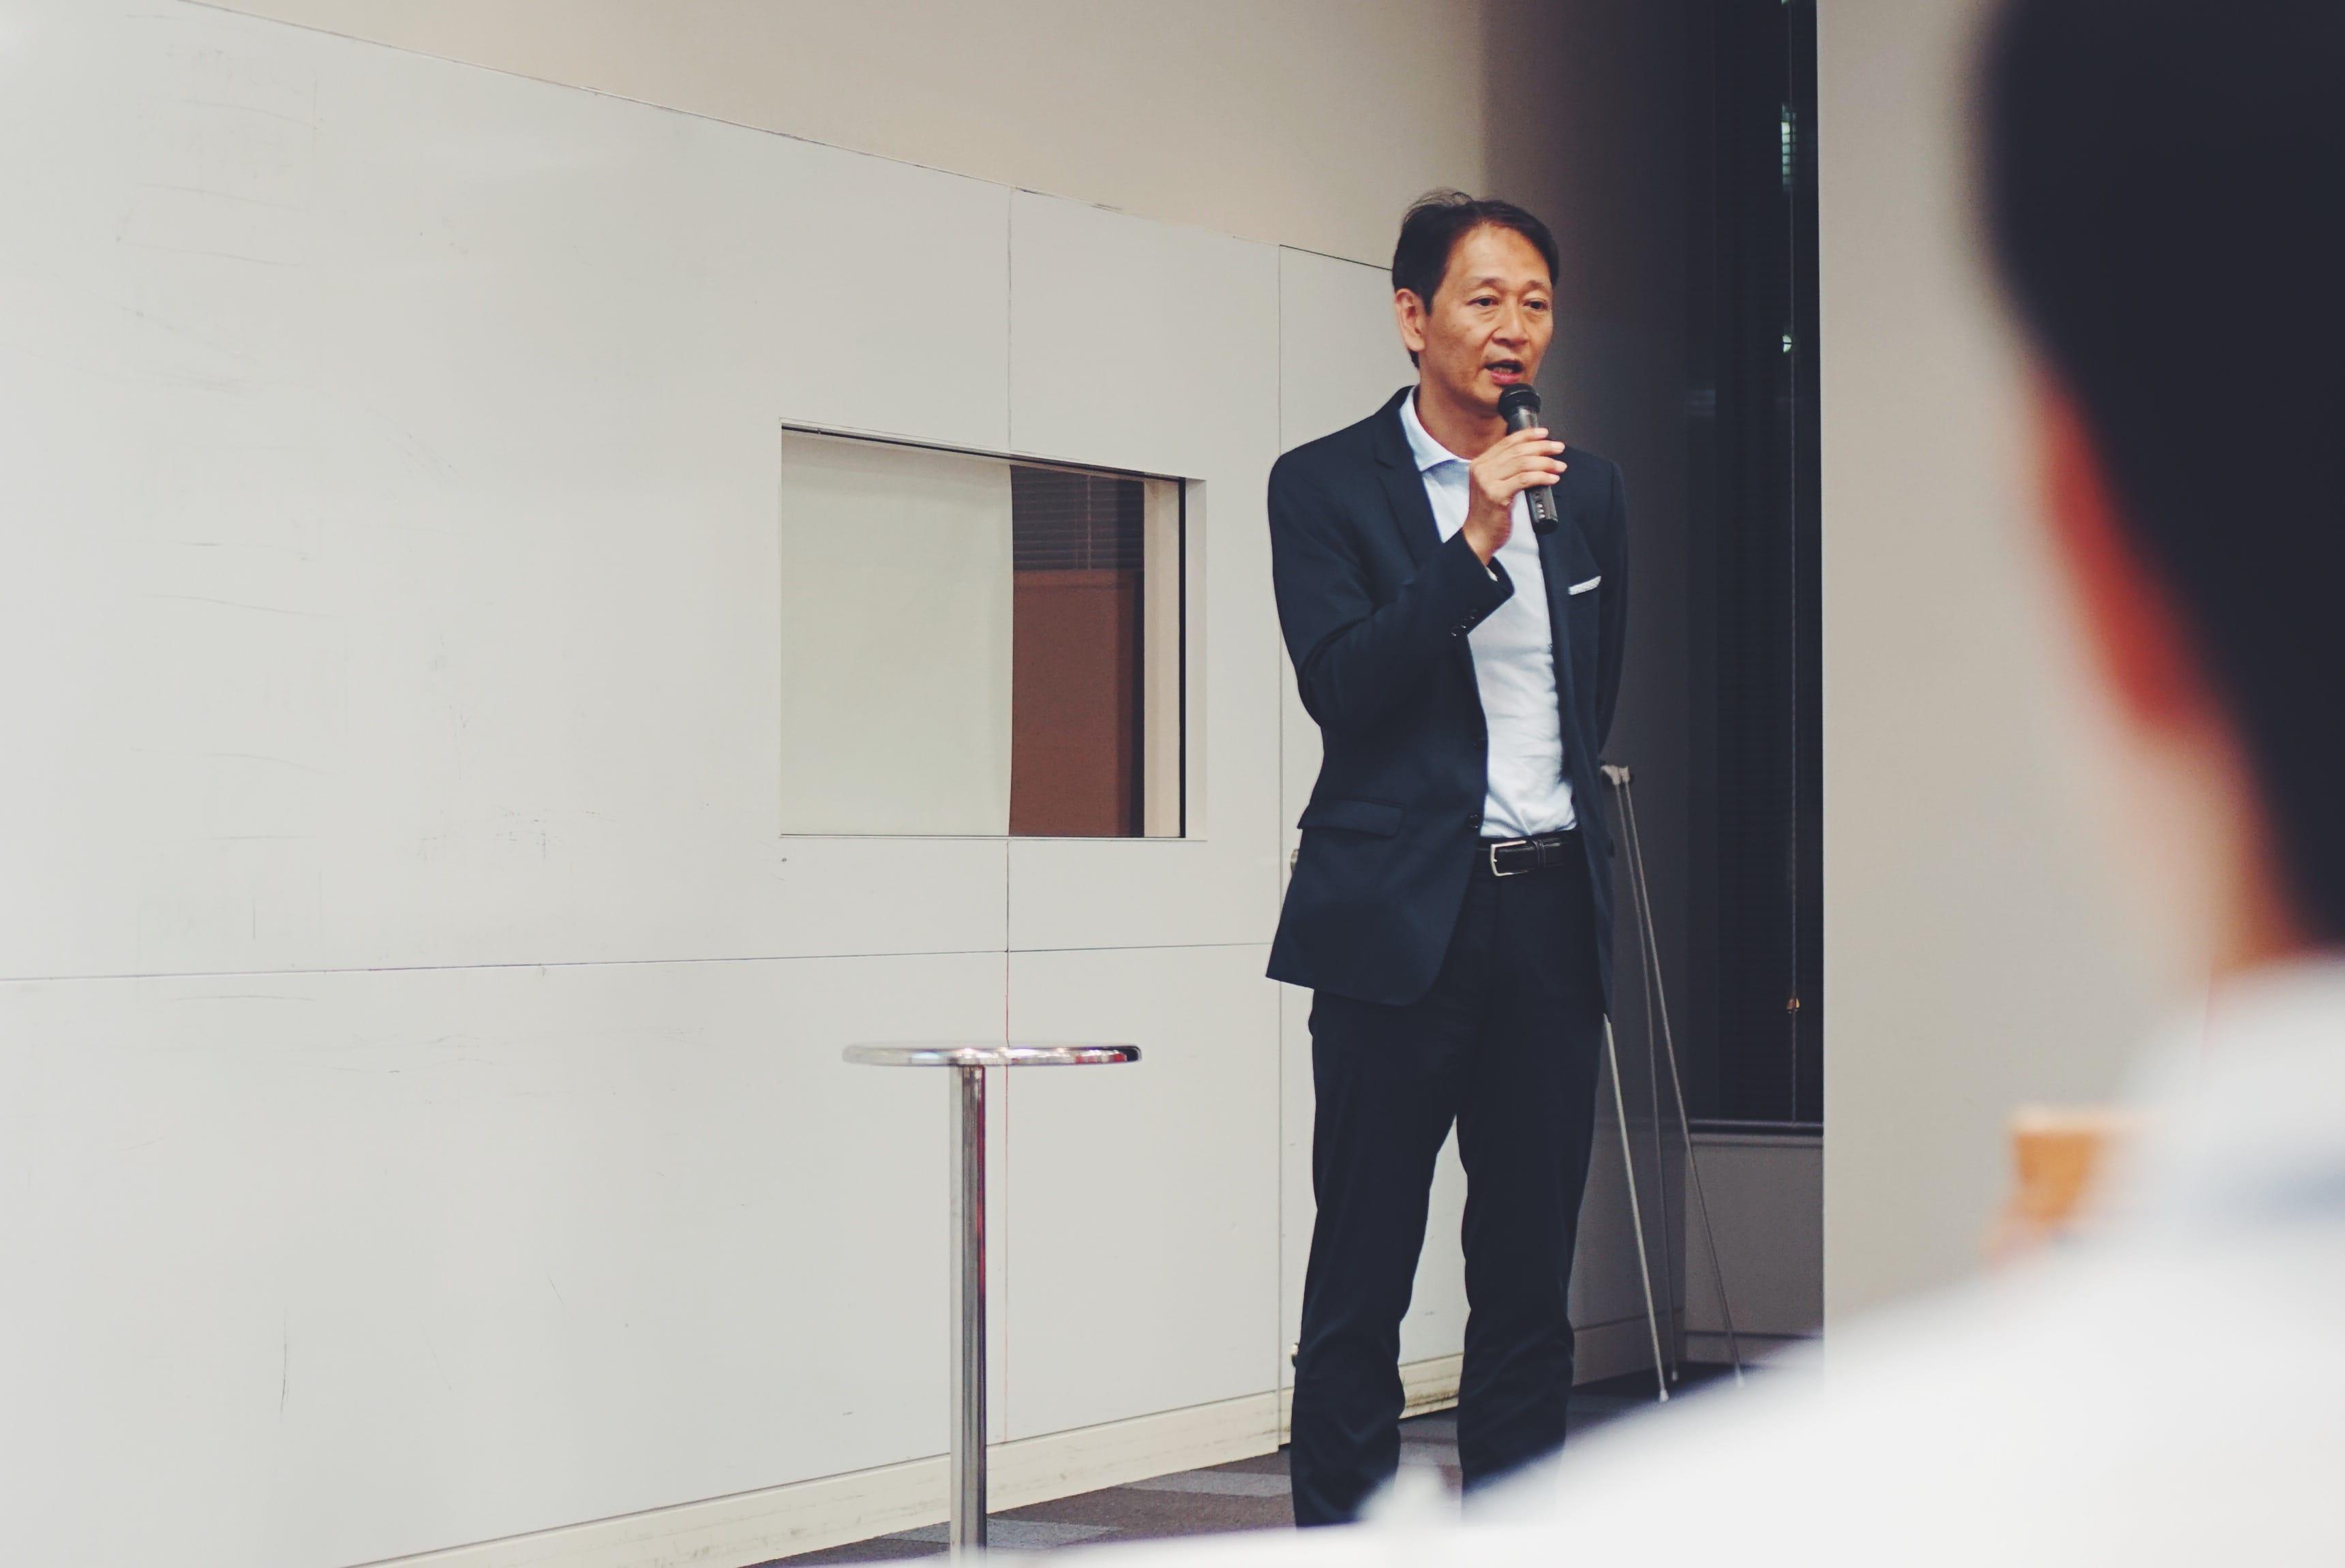 33歳で東京の大手企業を退職し、移住して20年の高宮浩之さん。現在は、城崎温泉の旅館「山本屋」の経営だけでなく、地ビールレストランを運営するなど、幅広く活躍。地域の雇用形態が今後どうあるべきかなど、外と内の視点を持った鋭い知見を持つ。